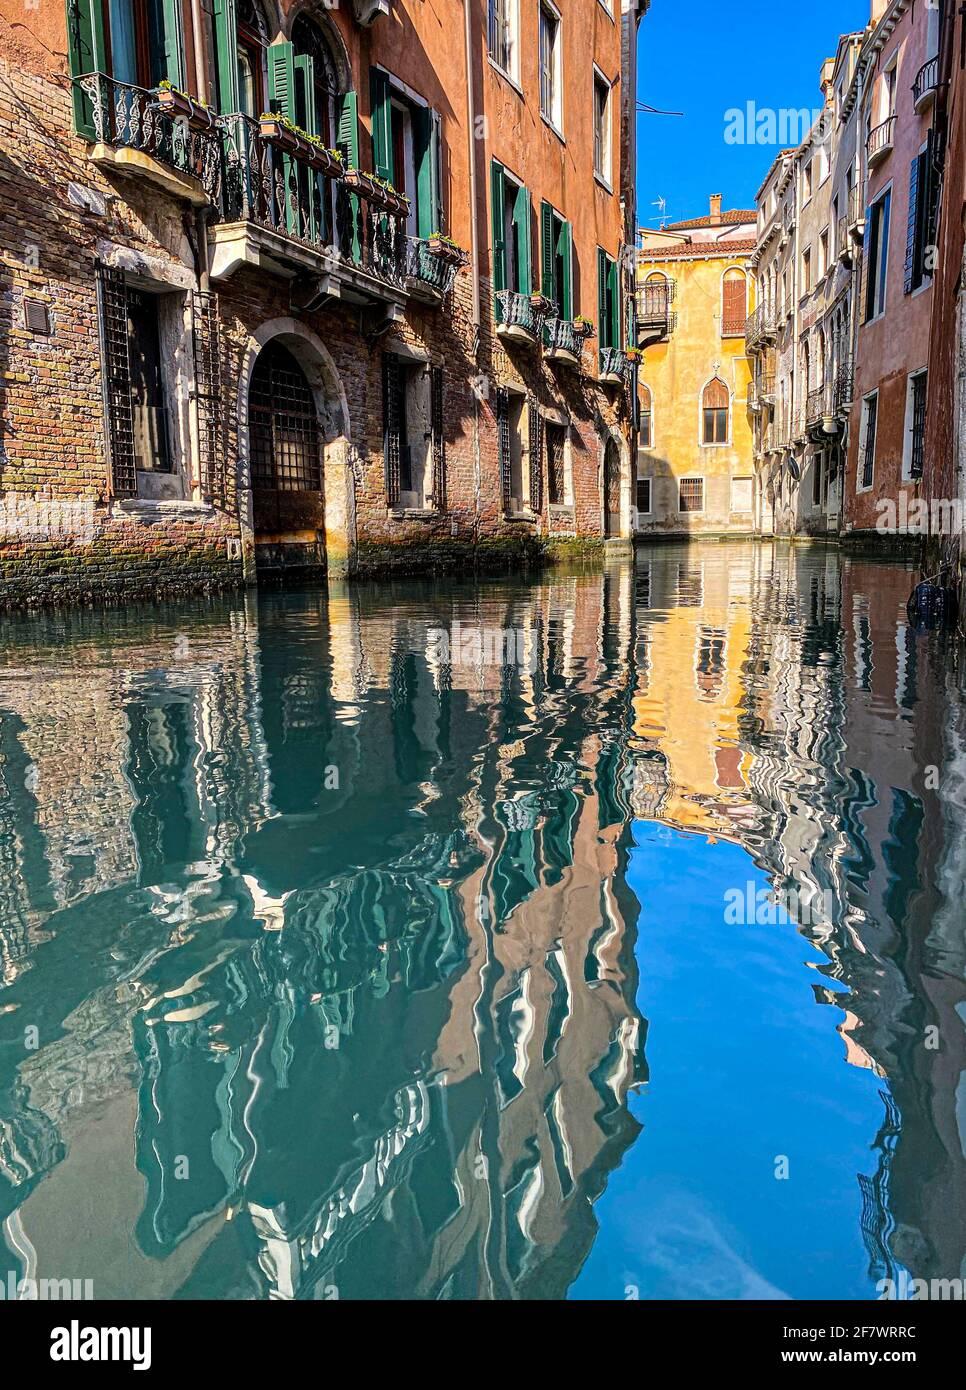 Belle riflessioni d'acqua nel piccolo canale, Venezia, Italia Foto Stock